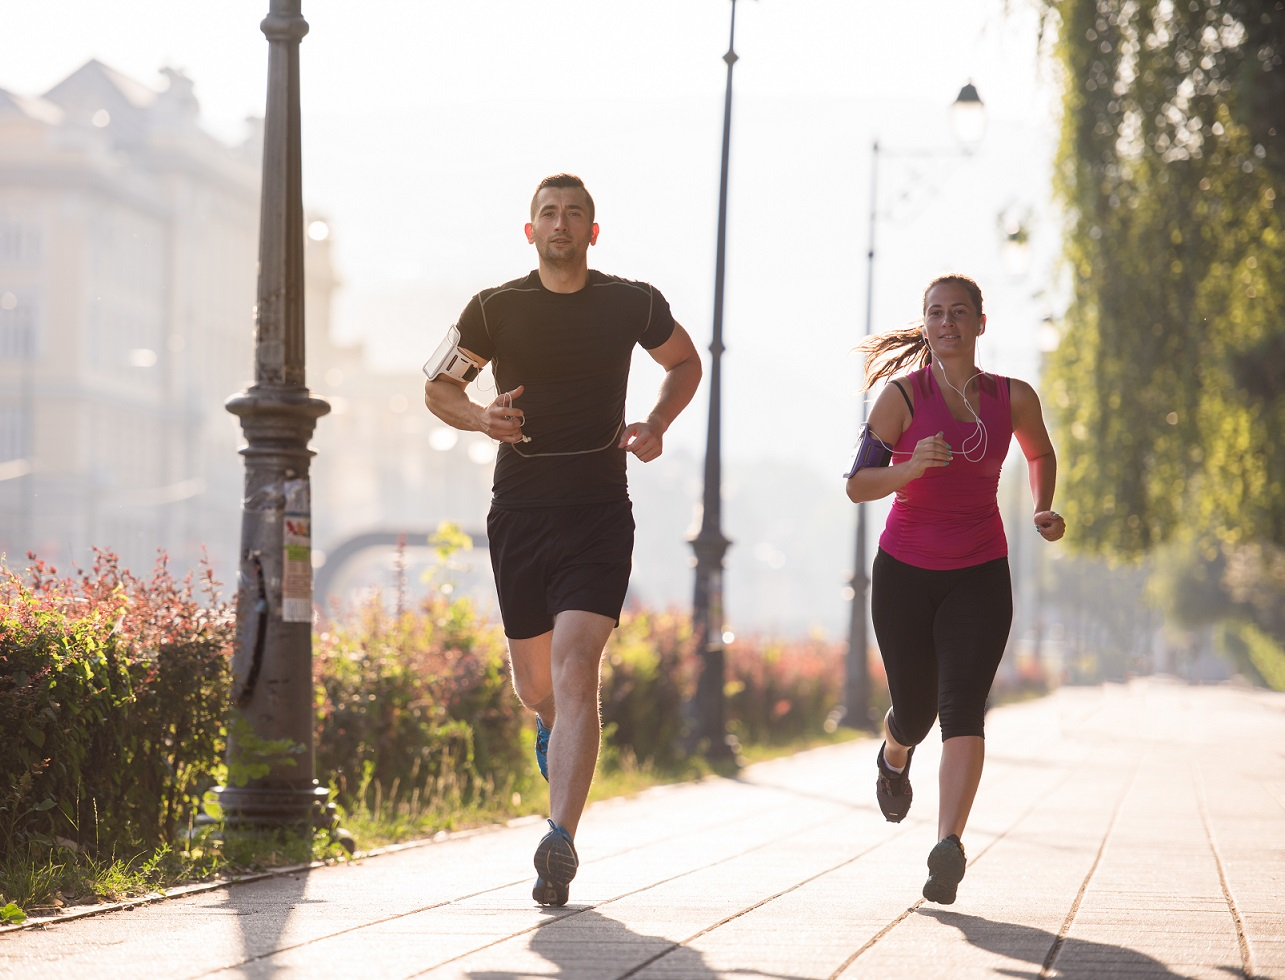 Avaliação pré-participação nos esportes: qual a sua importância?